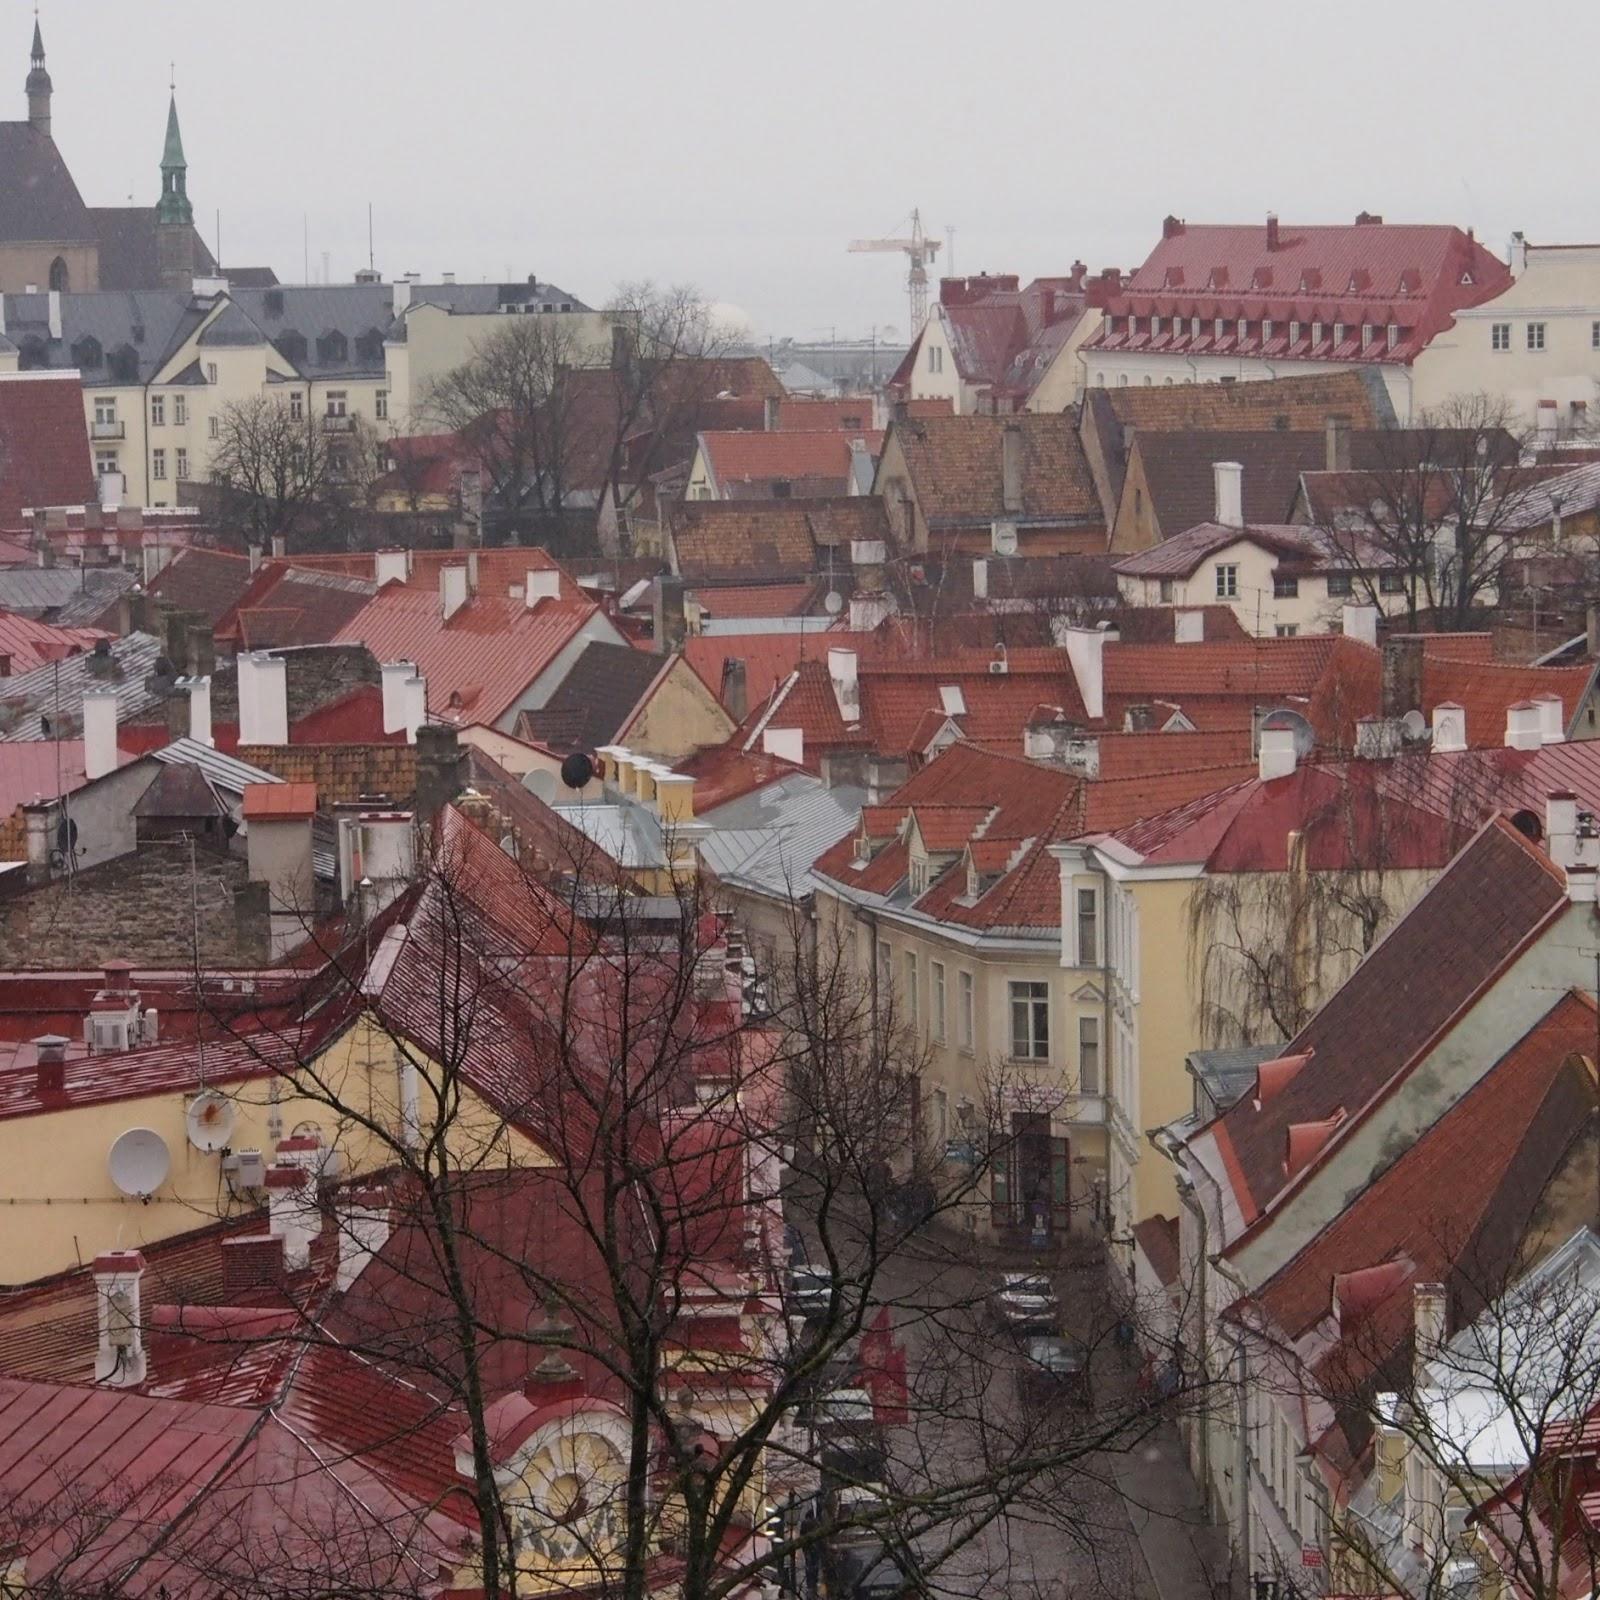 vanhakaupunki kaupungin katot